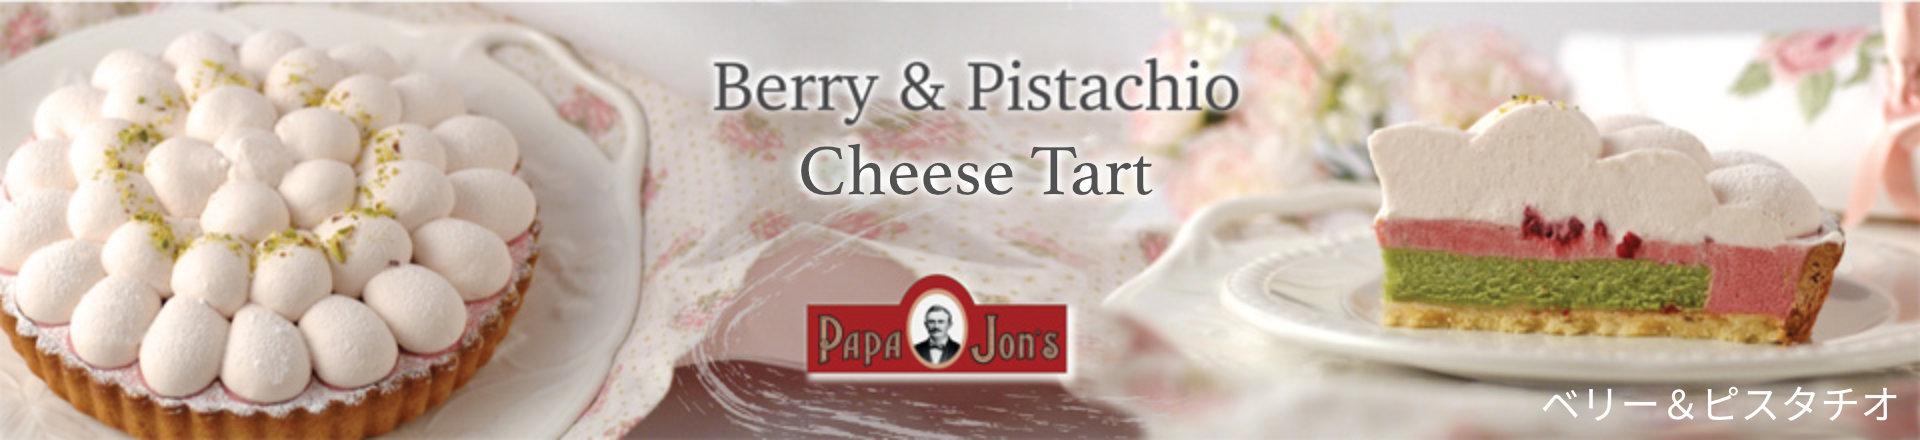 ベリーとピスタチオのチーズケーキ